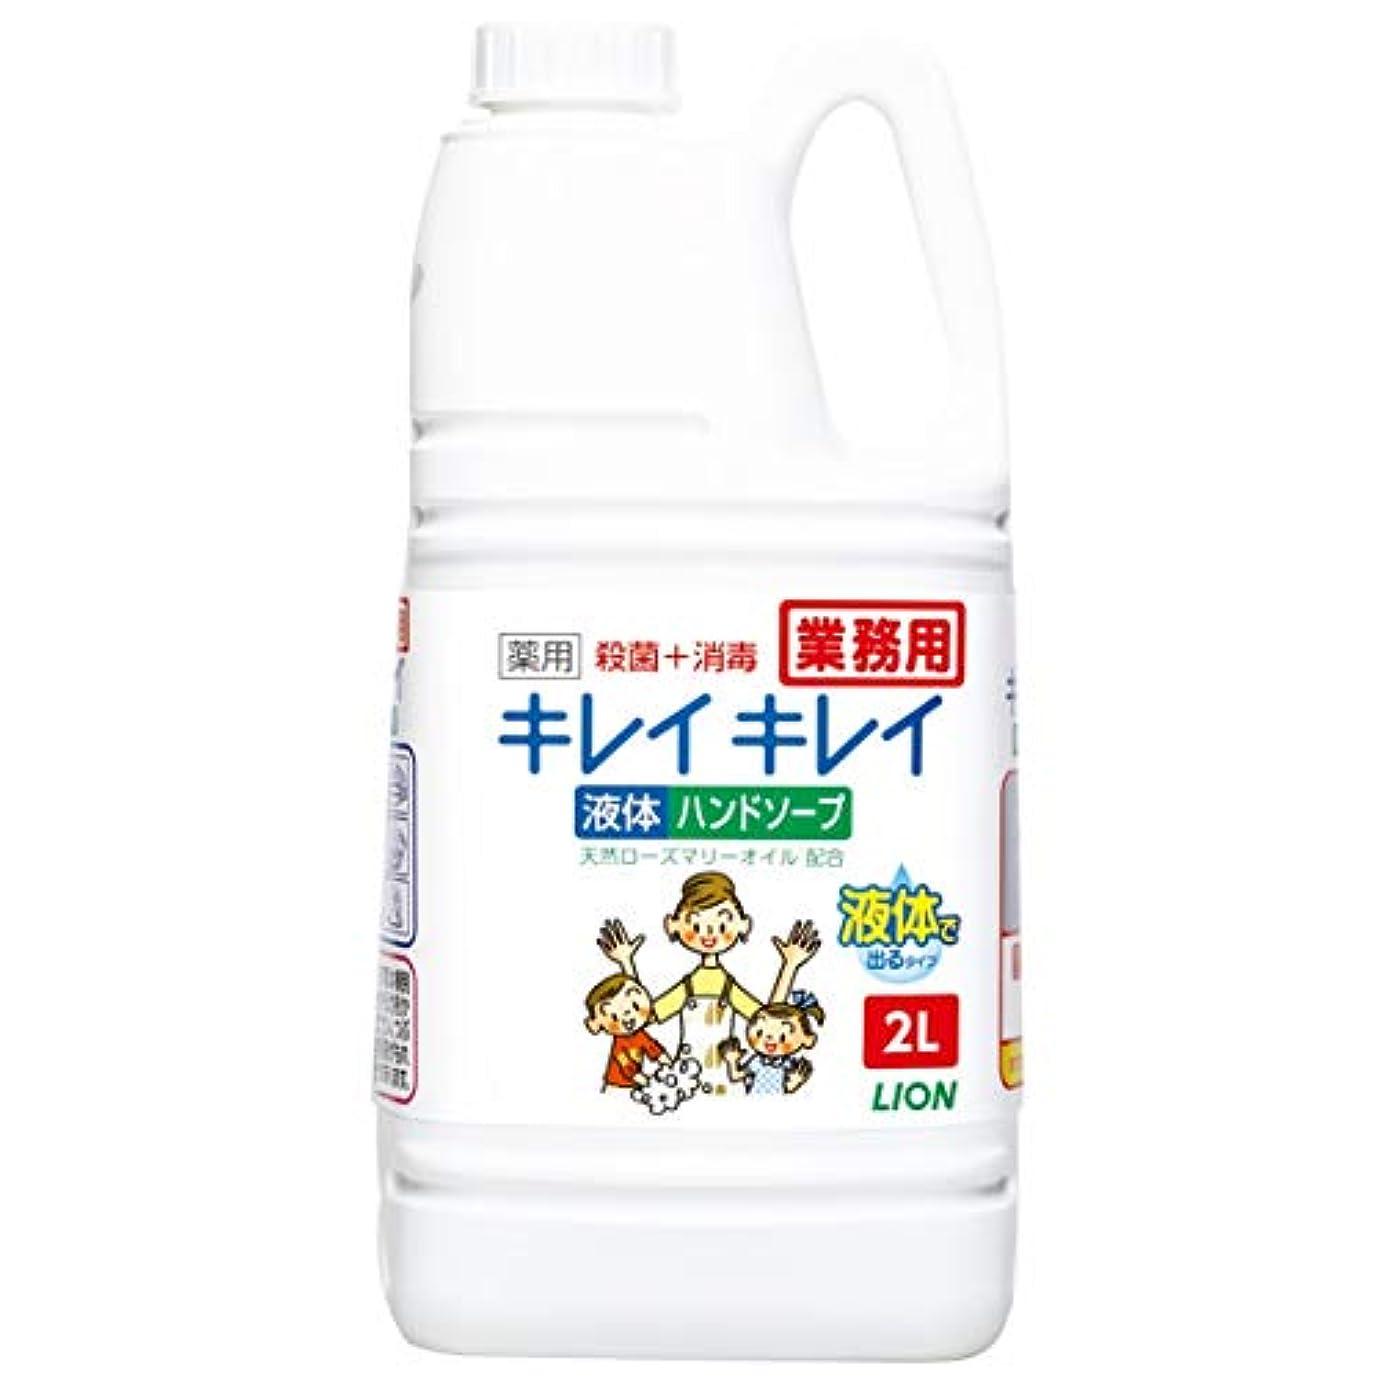 レガシー部族おっと【業務用 大容量】キレイキレイ 薬用 ハンドソープ 2L(医薬部外品)